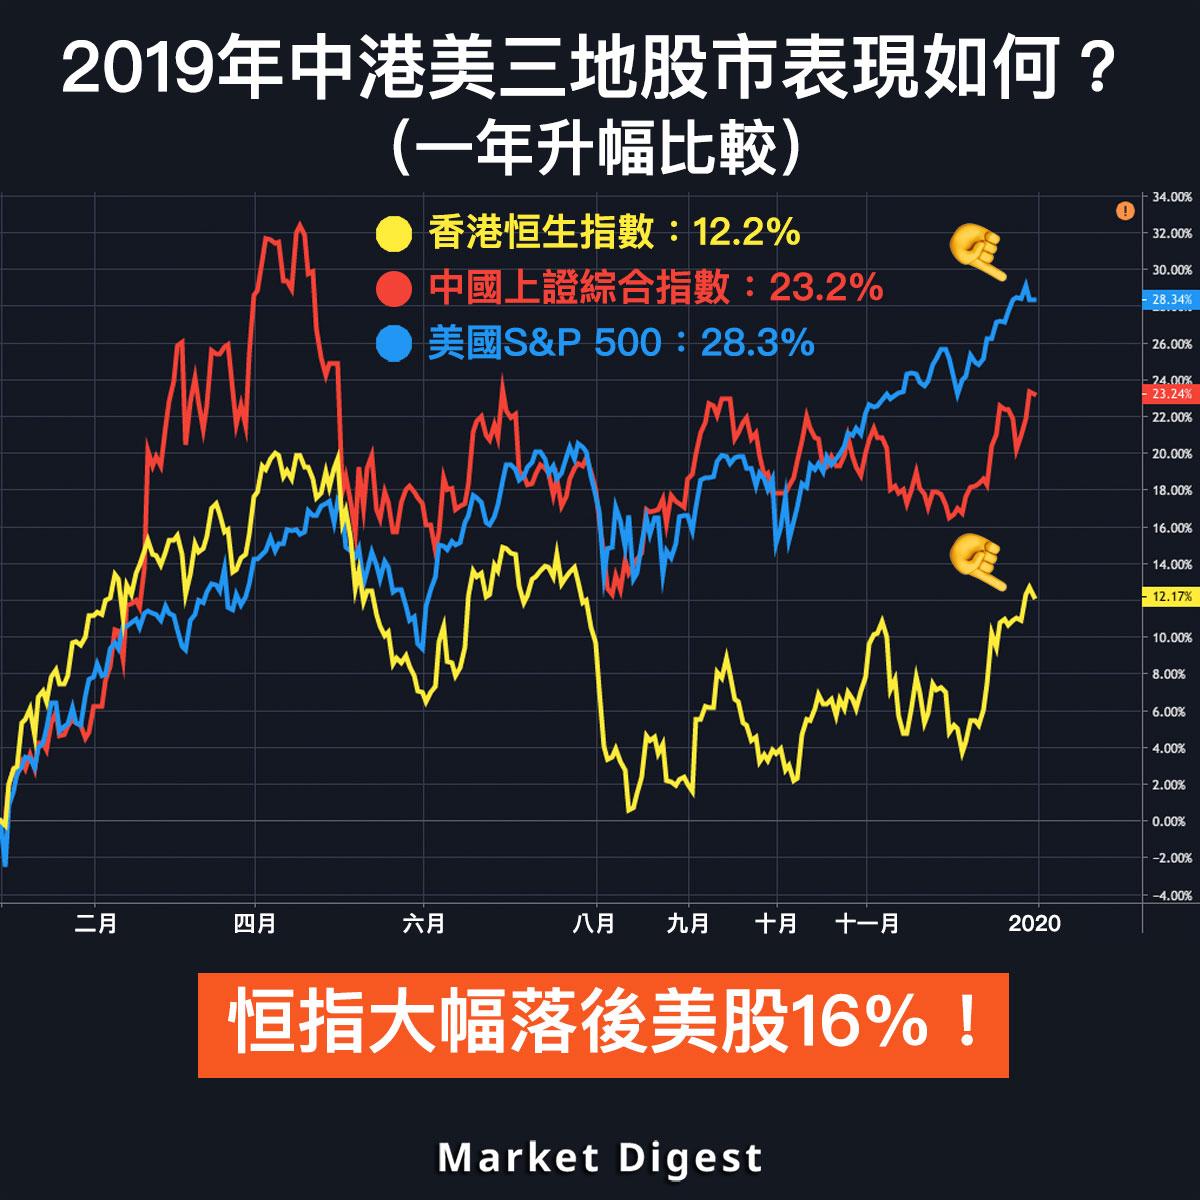 【圖解股市】2019年恒指大幅落後美股16%!